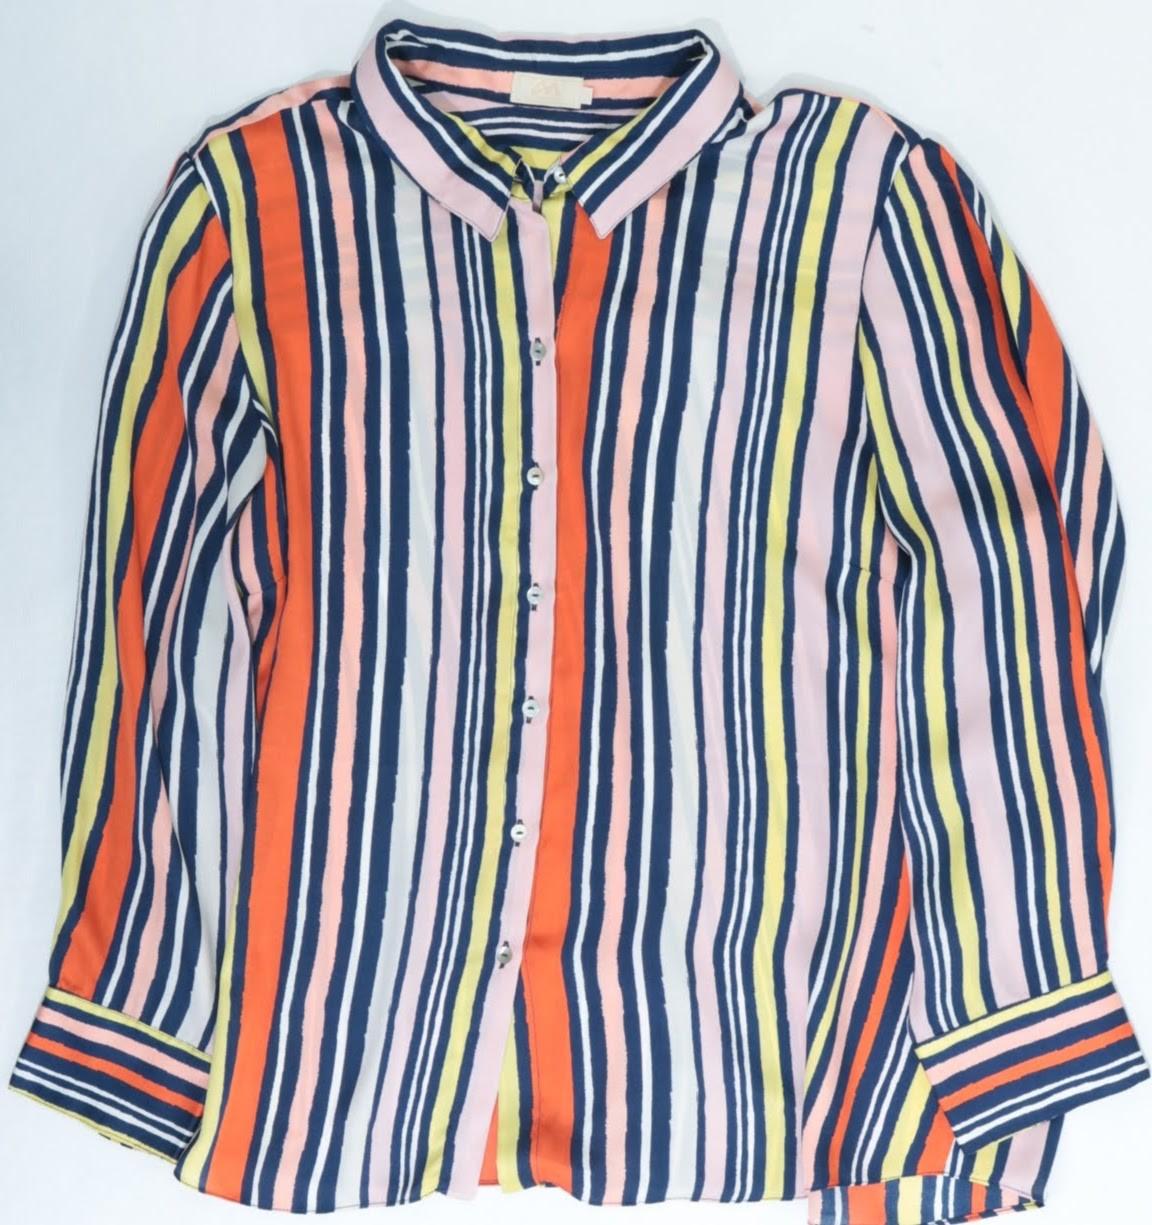 Camisa Manga Longa - Cia De Moda - 52